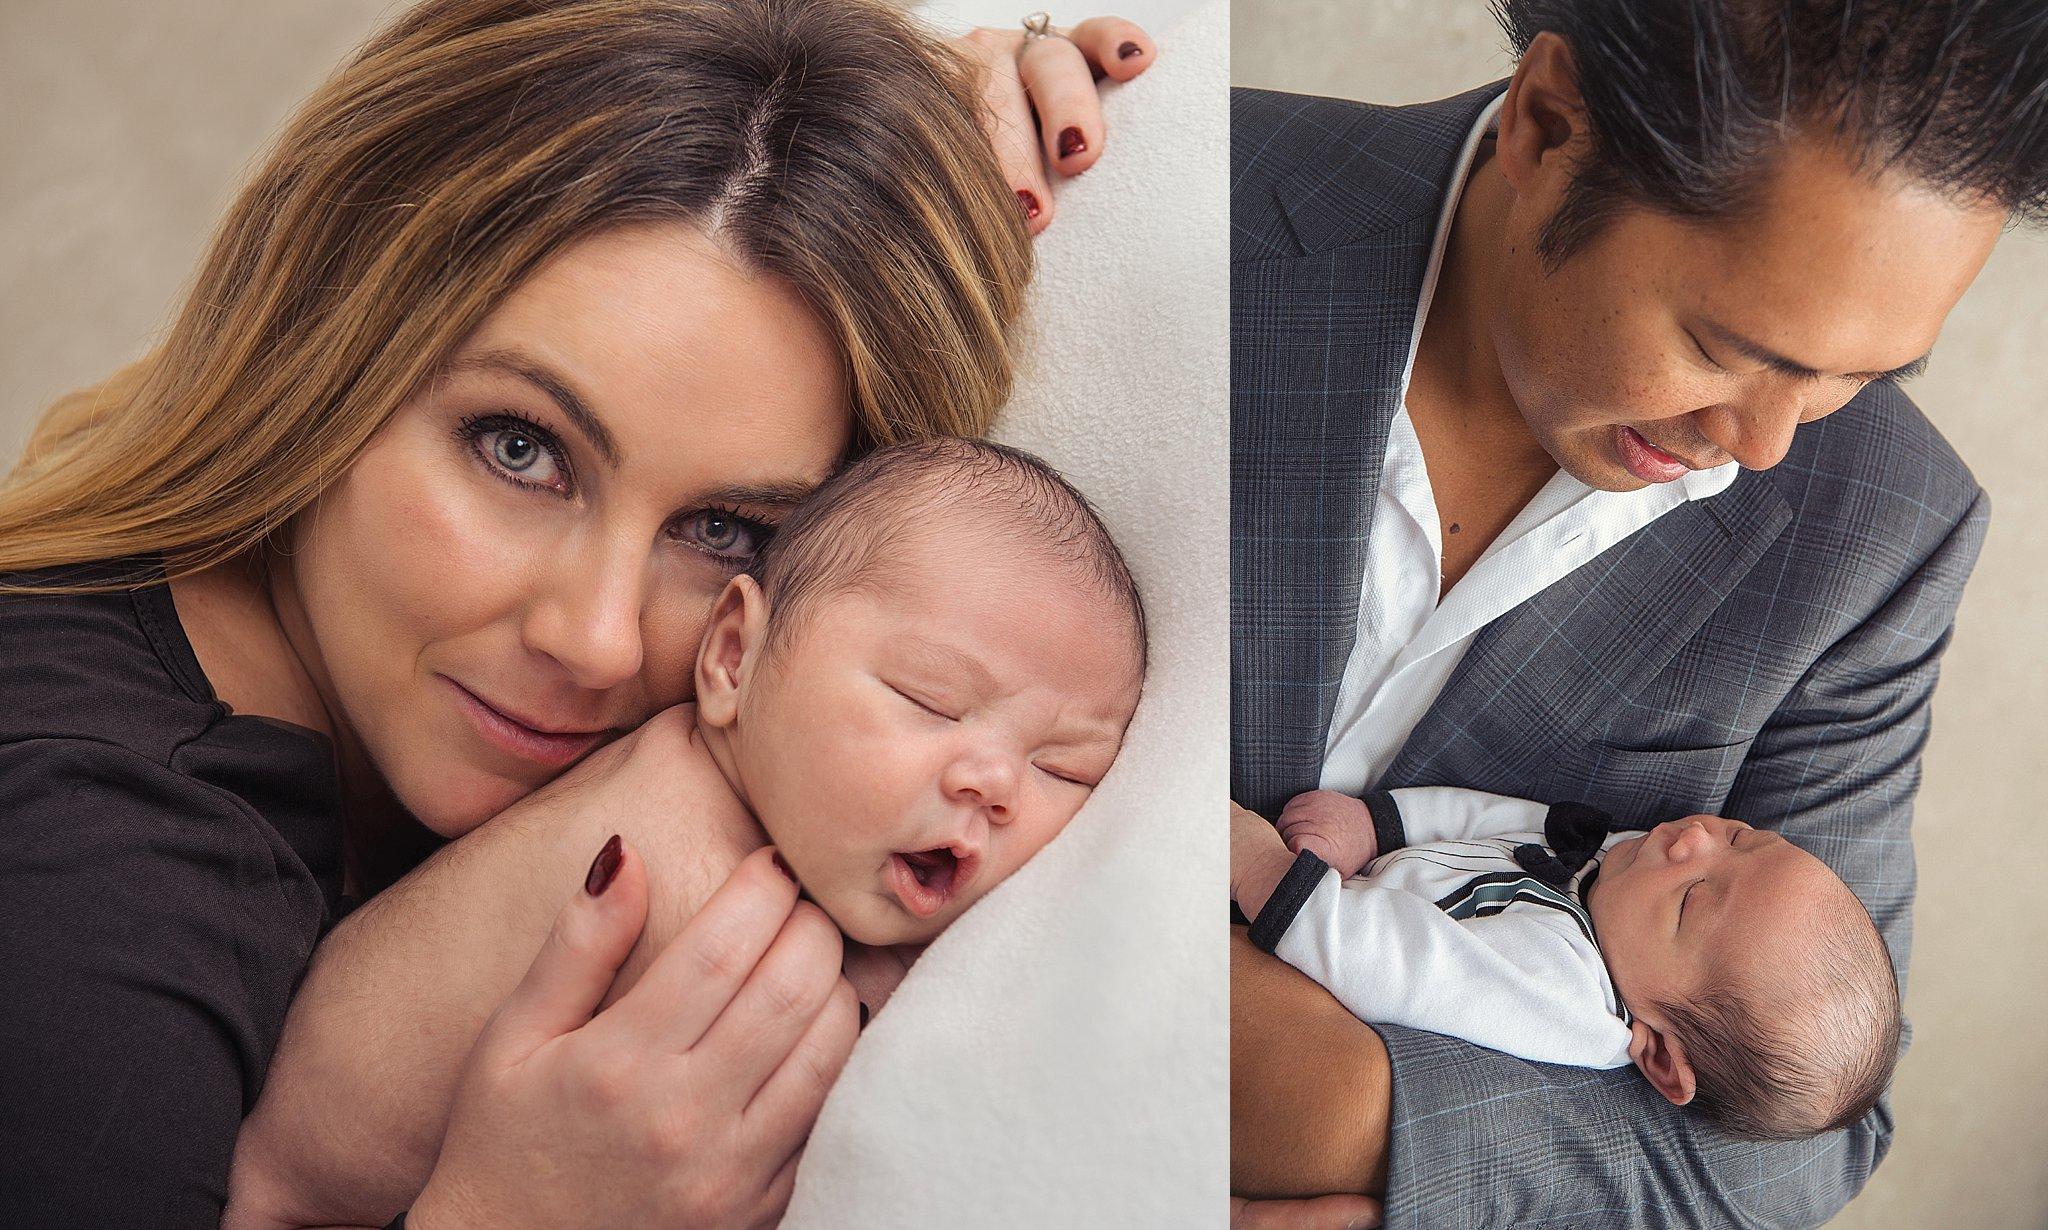 Lynn_newborn-with-mom-dad-formal-portraits